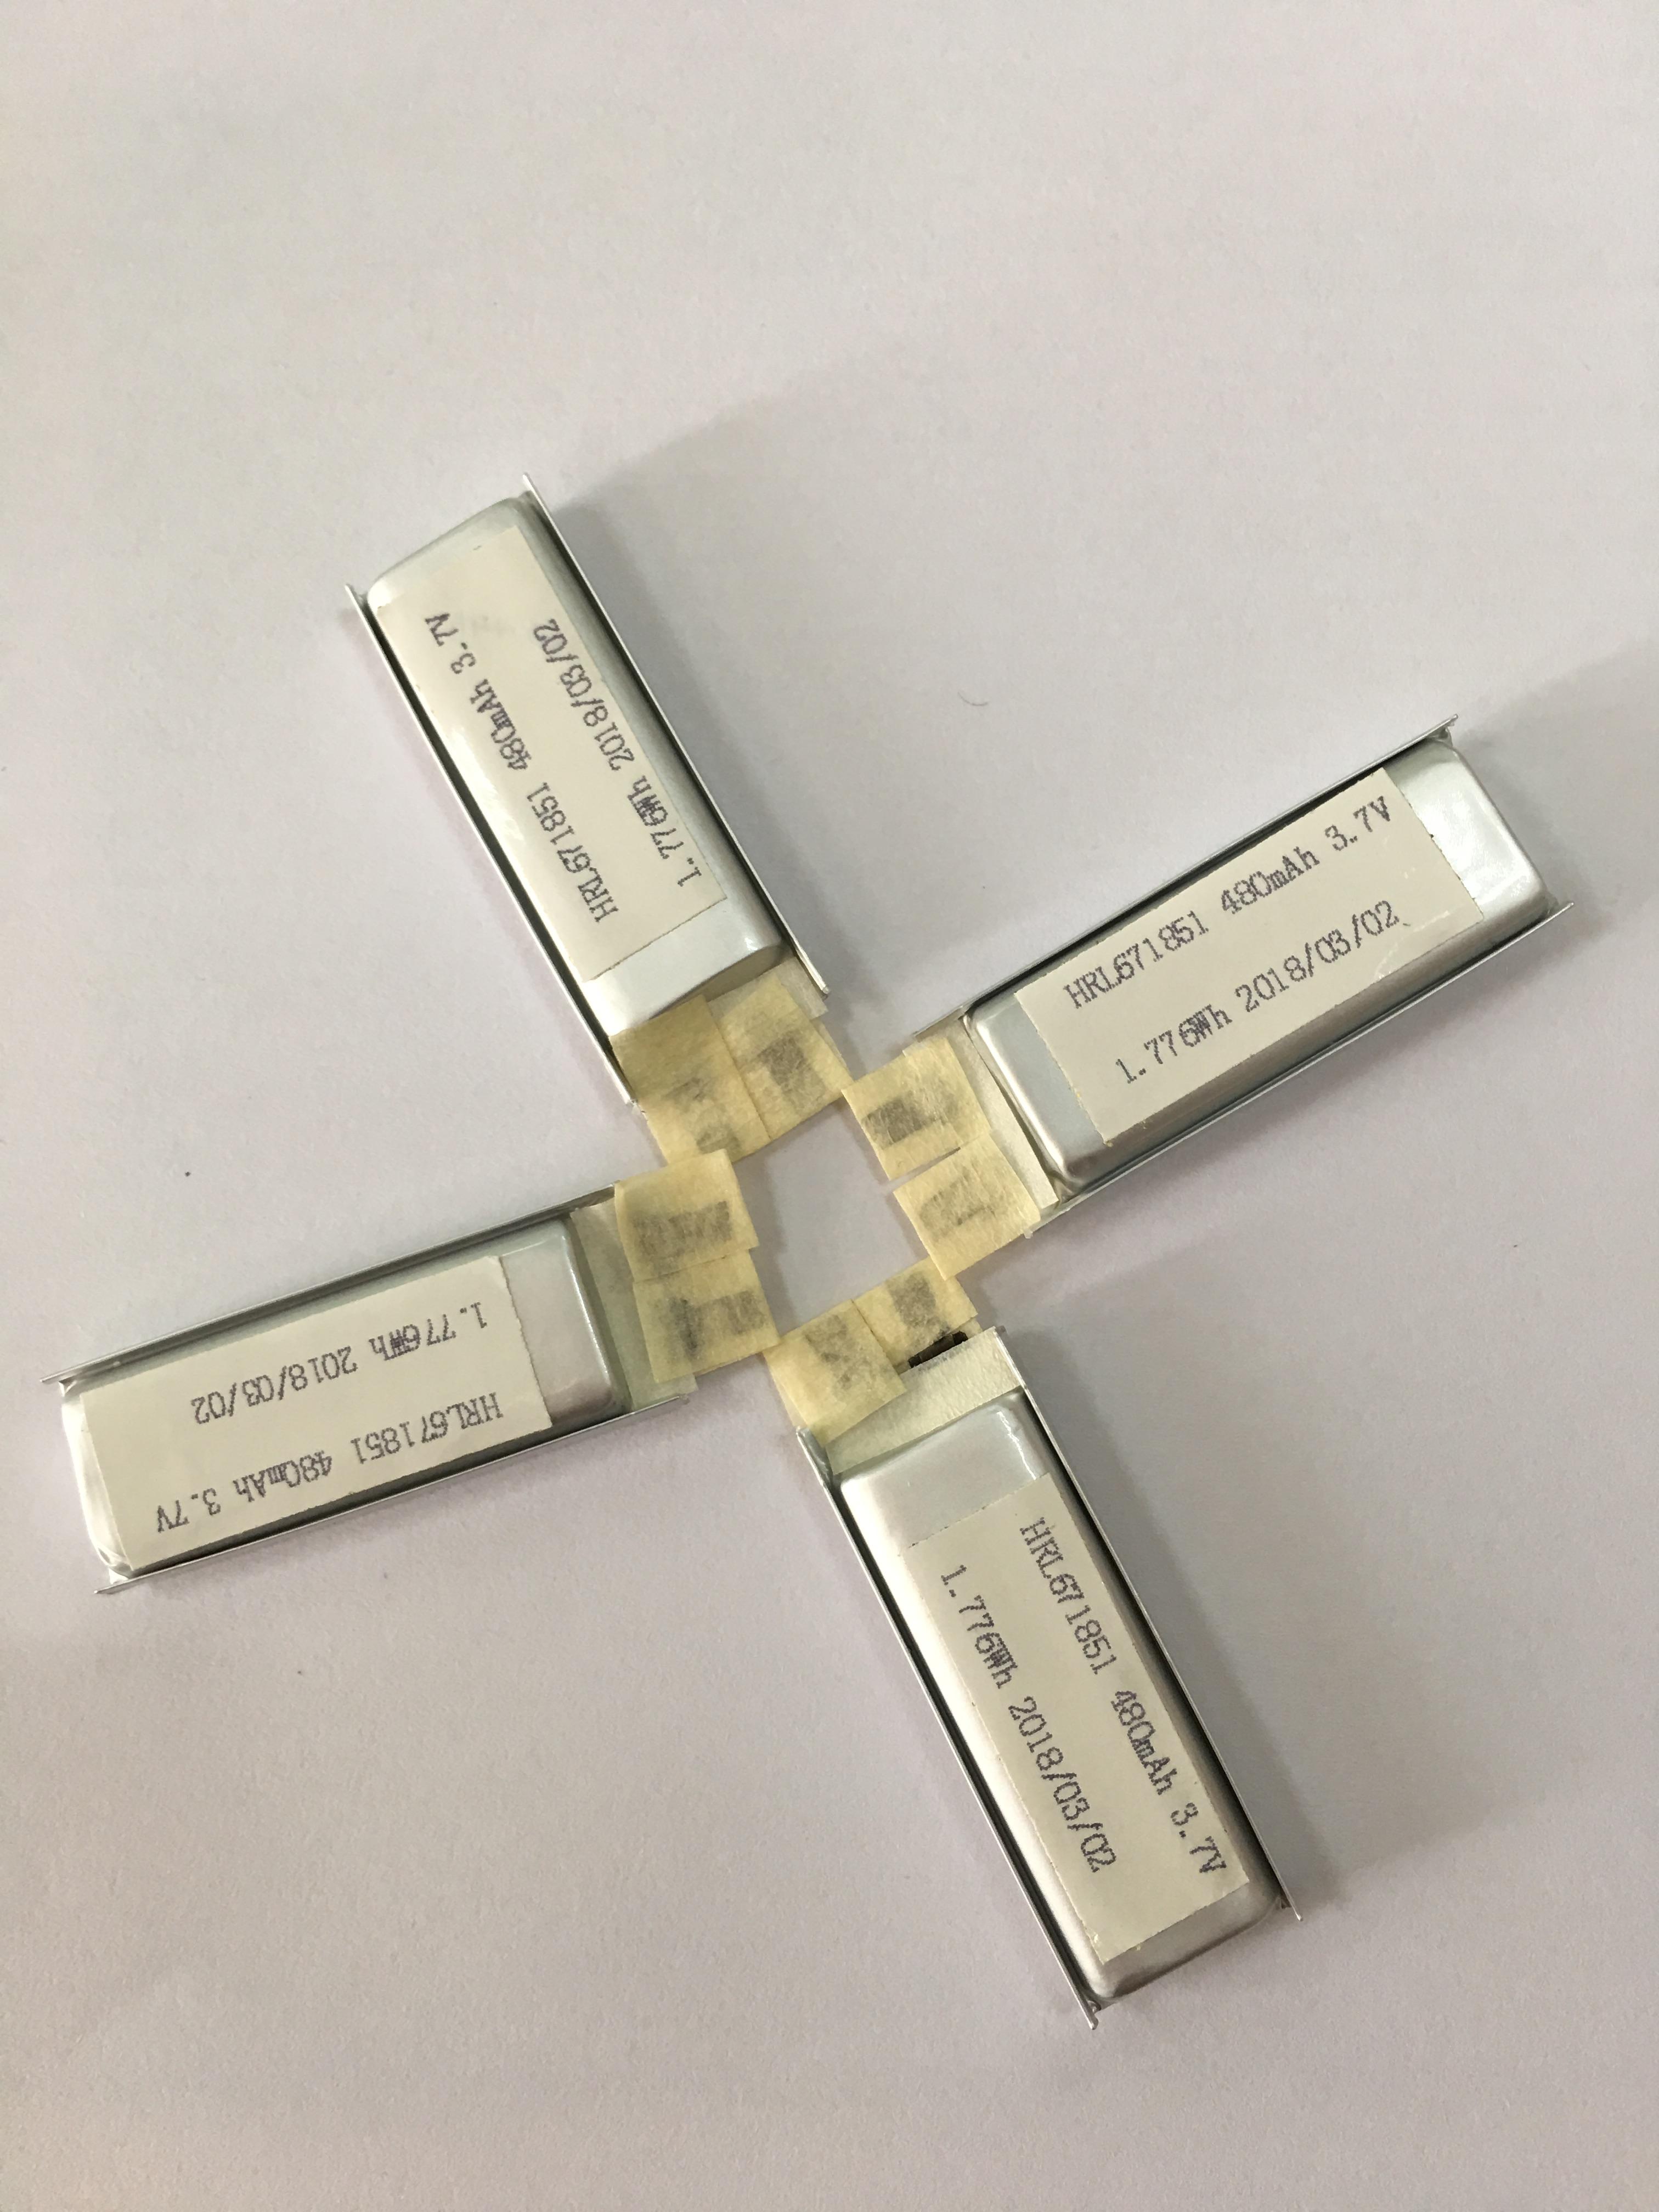 聚合物锂电池 聚合物锂电池 电芯 聚合物锂电芯